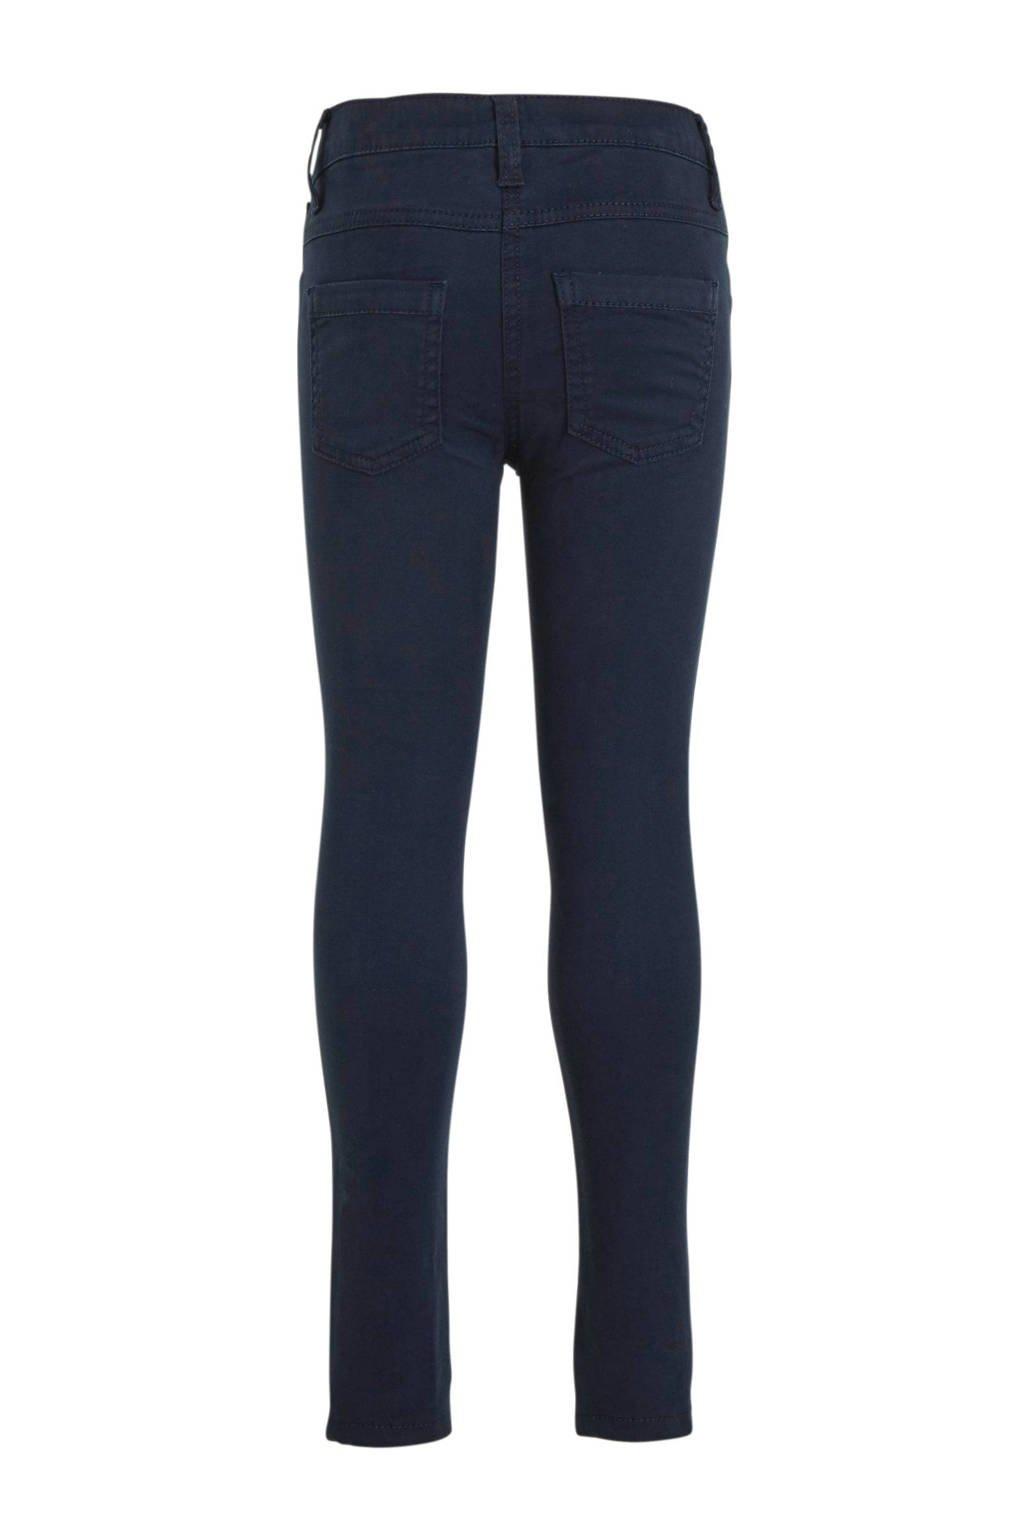 s.Oliver slim fit broek met zijstreep en pailletten donkerblauw, Donkerblauw